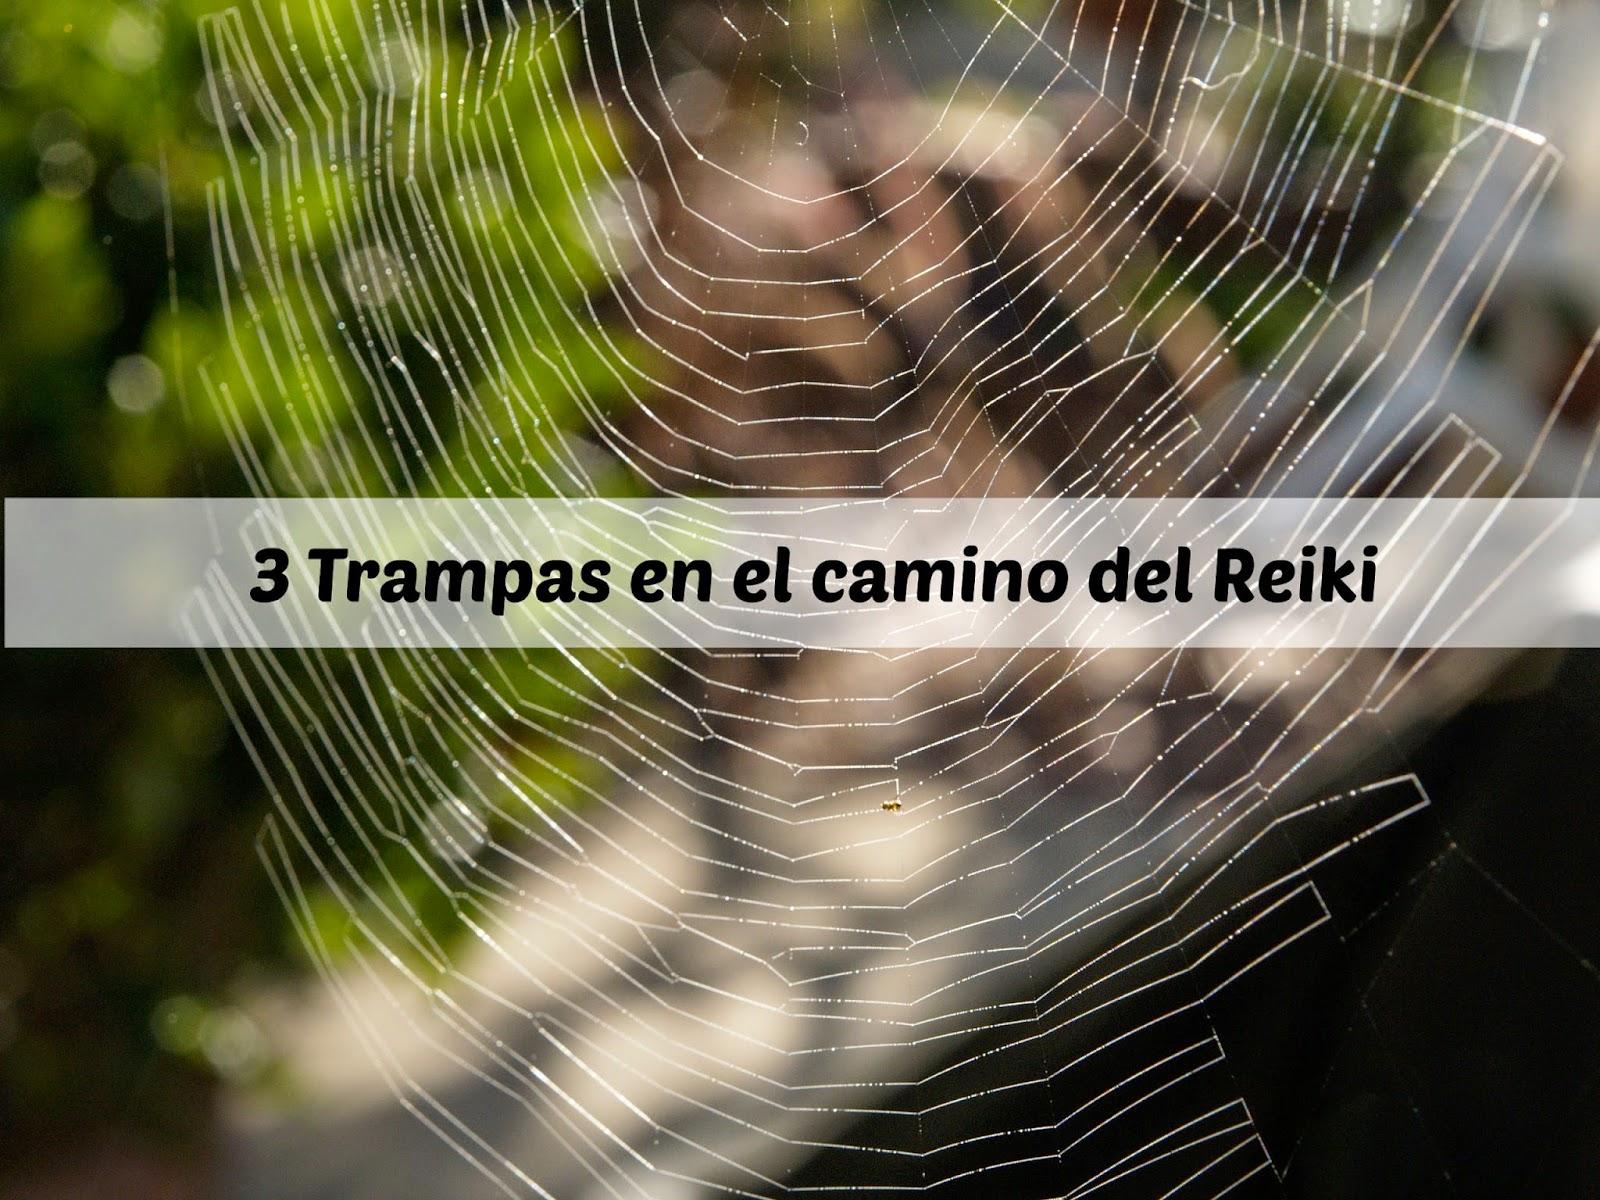 3 trampas en el camino del Reiki